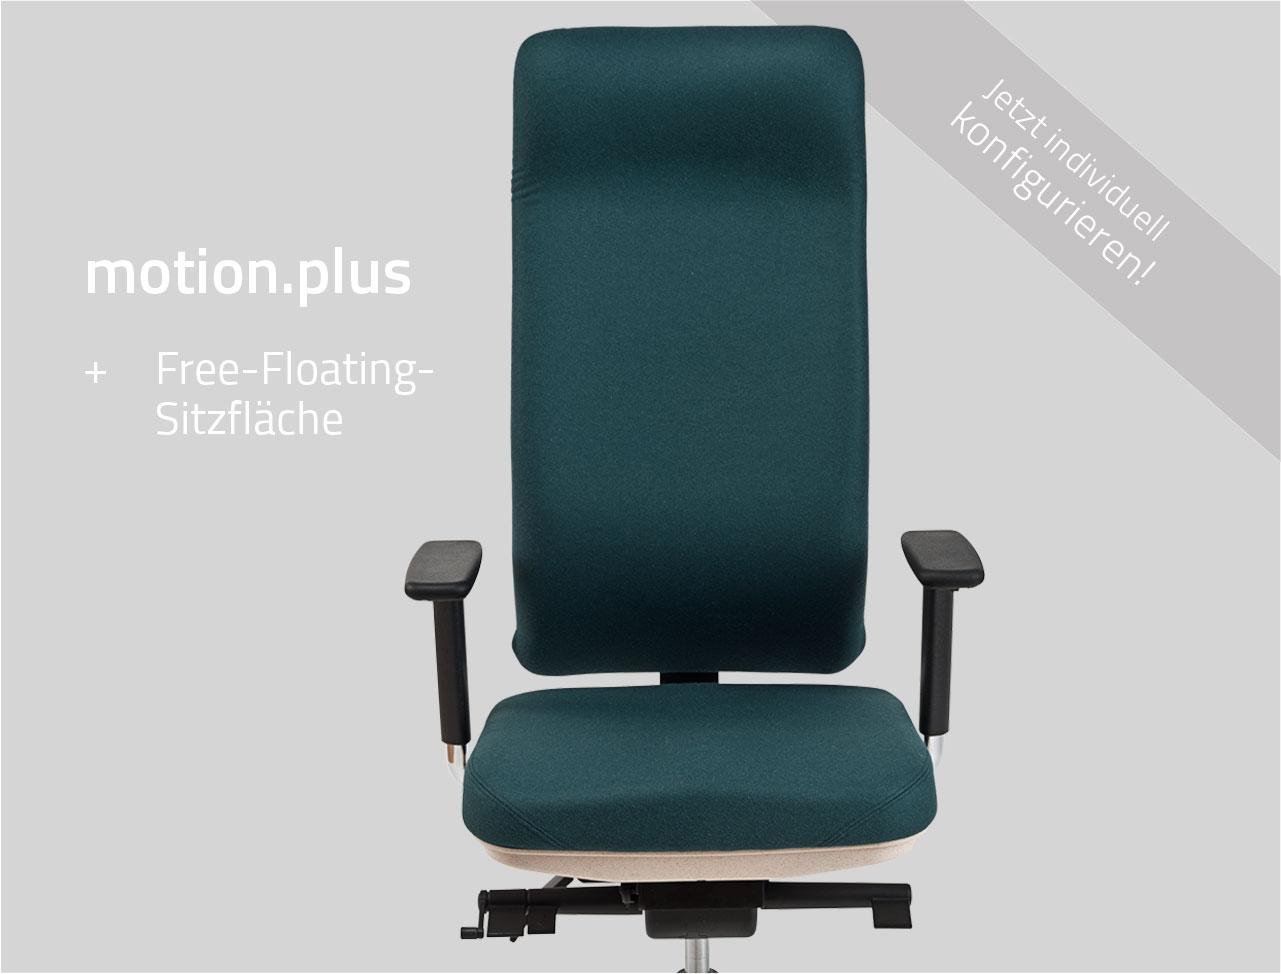 motion.plus - online kaufen oder konfigurieren